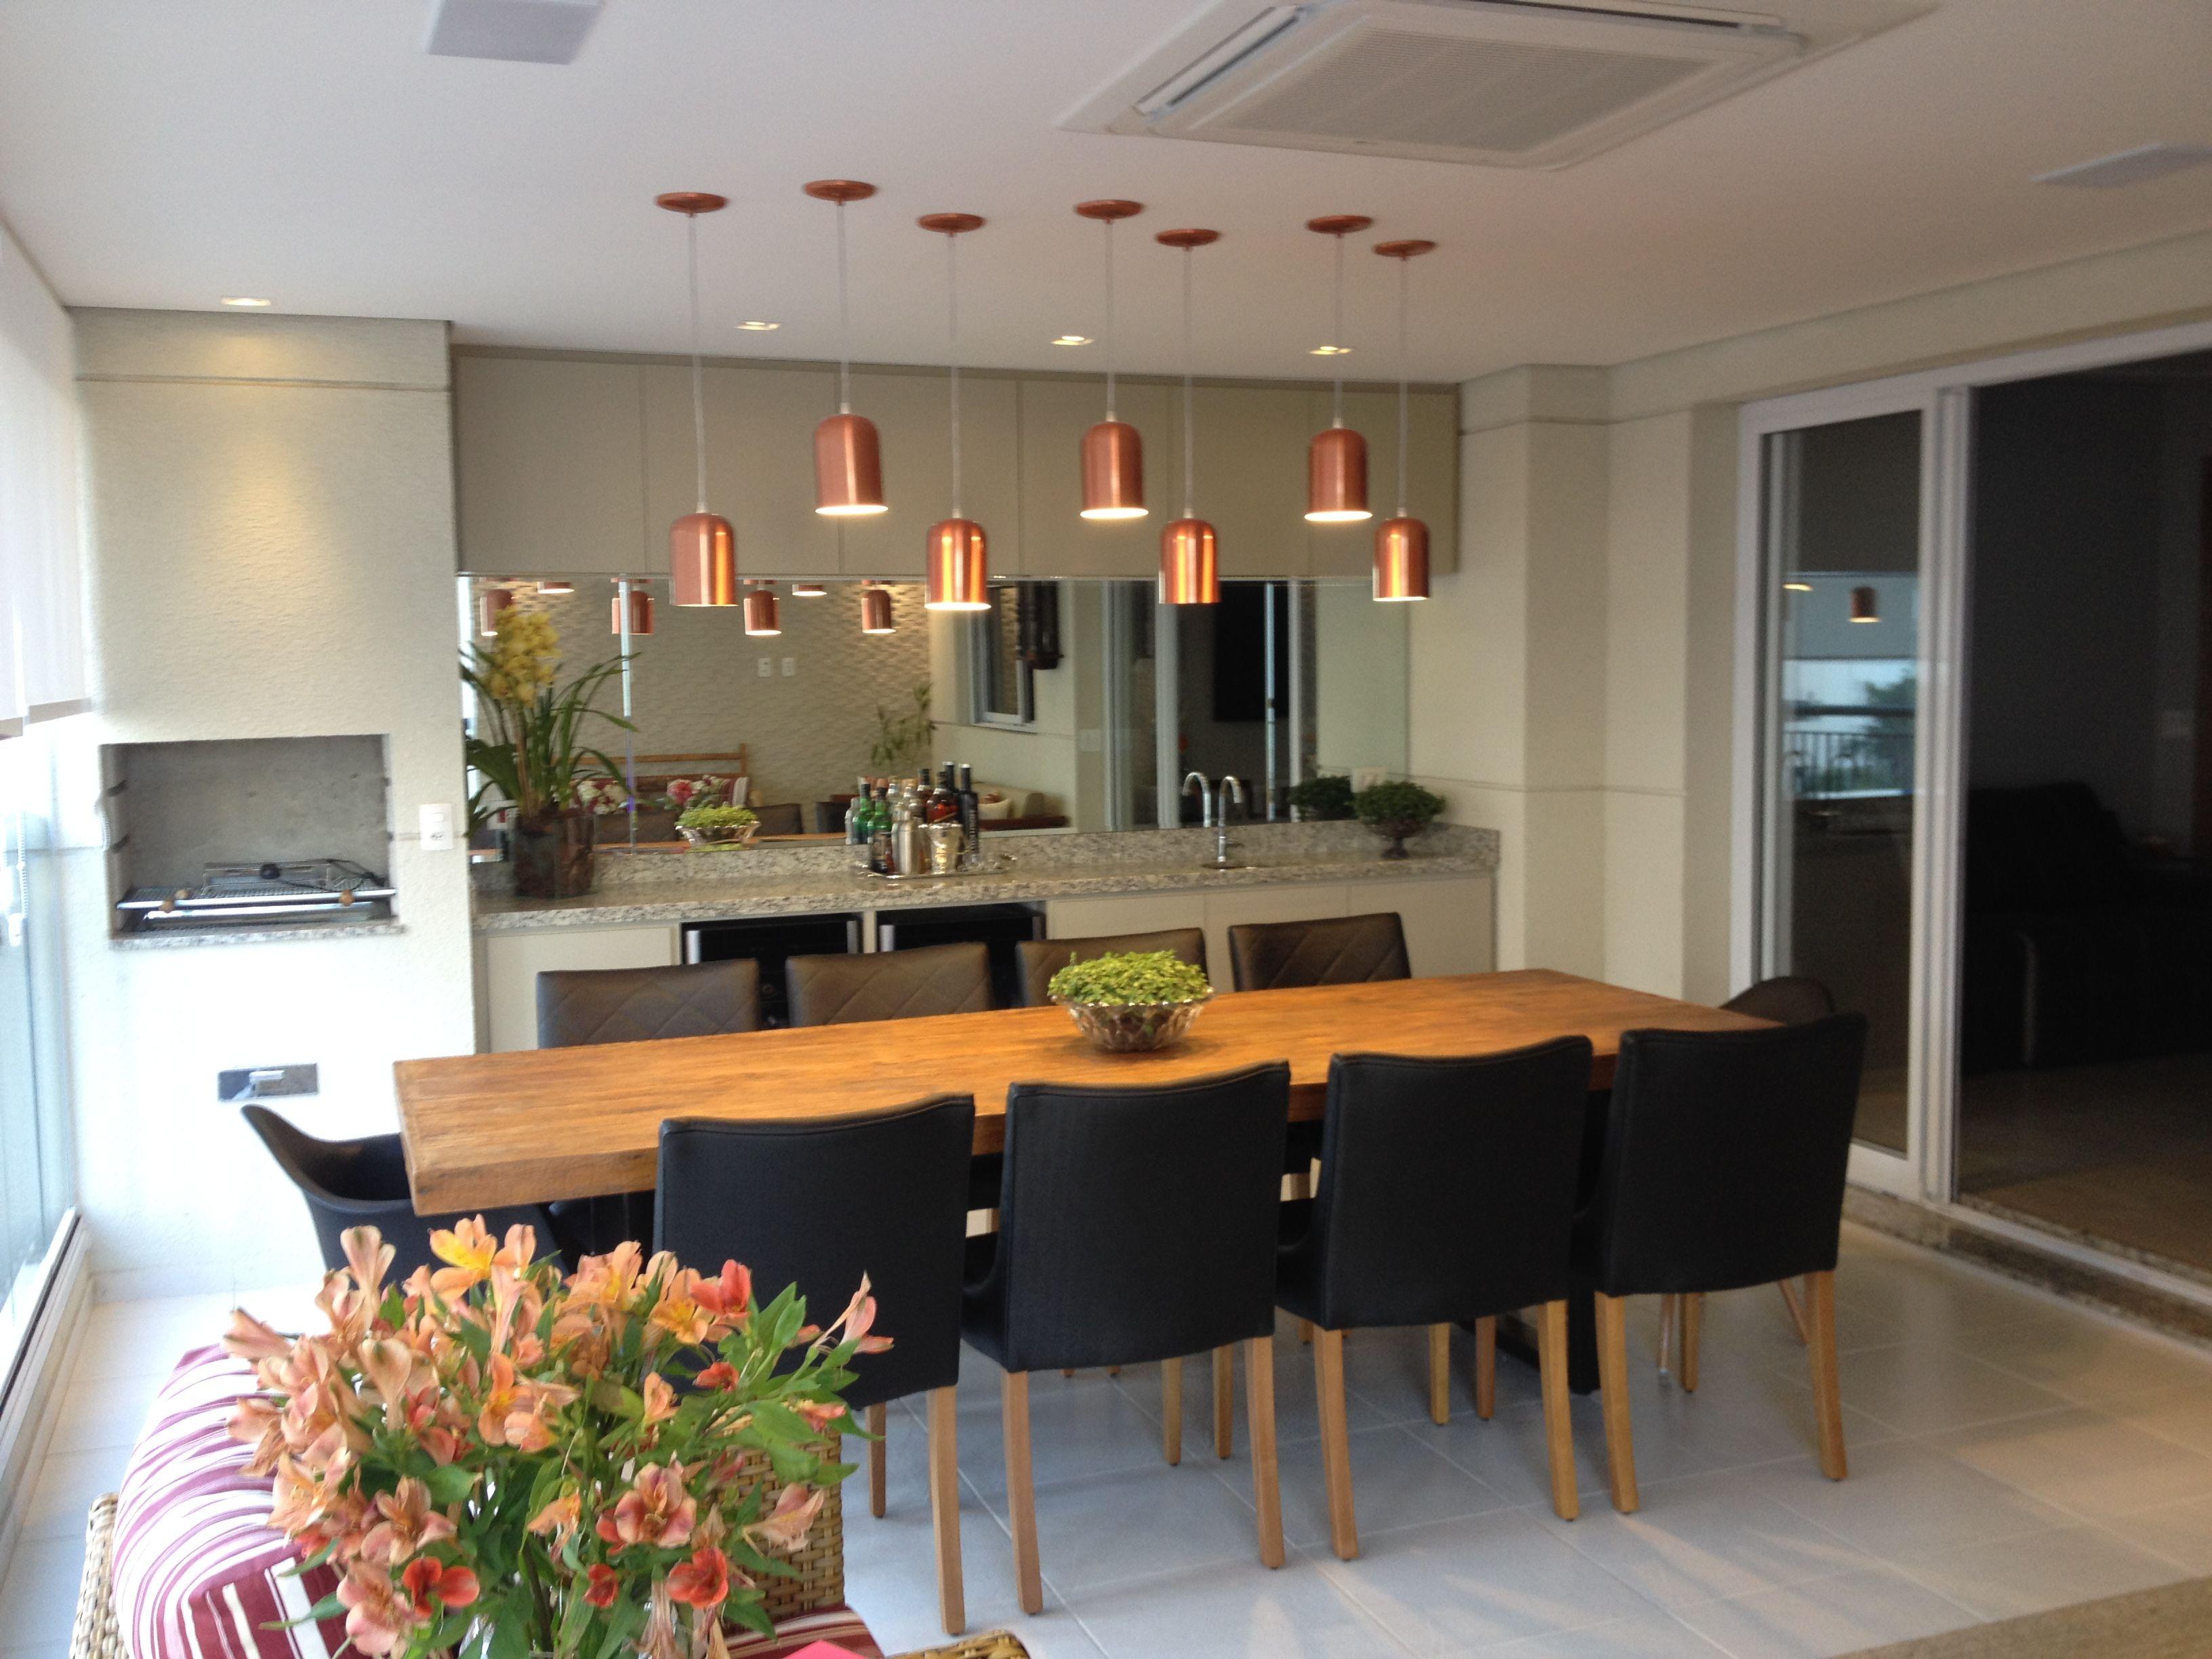 fa6ba34f56fec51aa9735efce24184f3 Elegantes 3 Zimmer Wohnung Lörrach Dekorationen